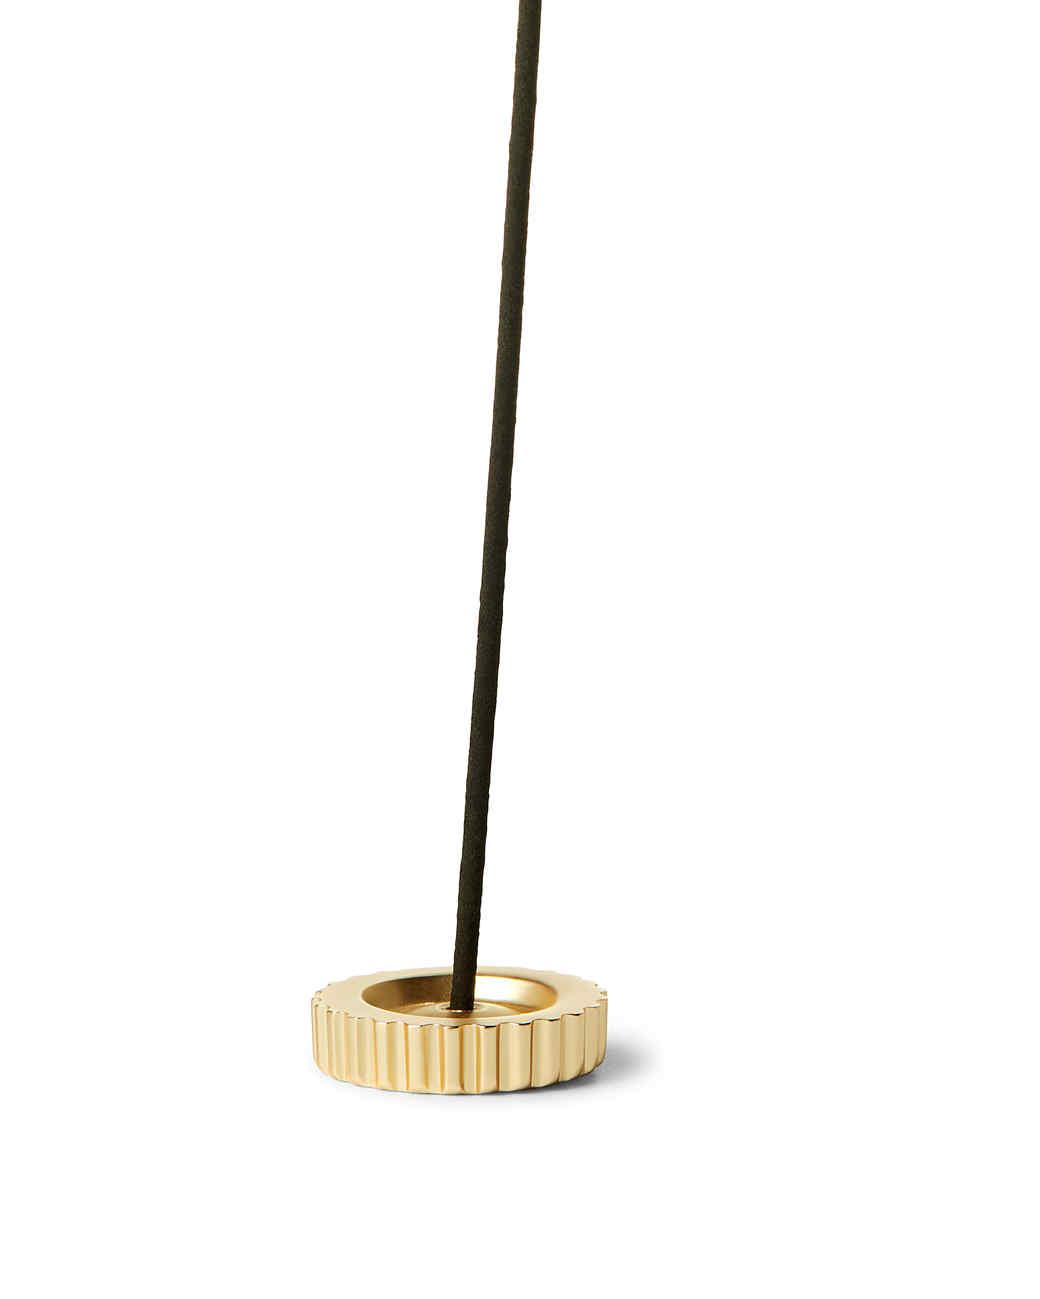 cote d azur incense